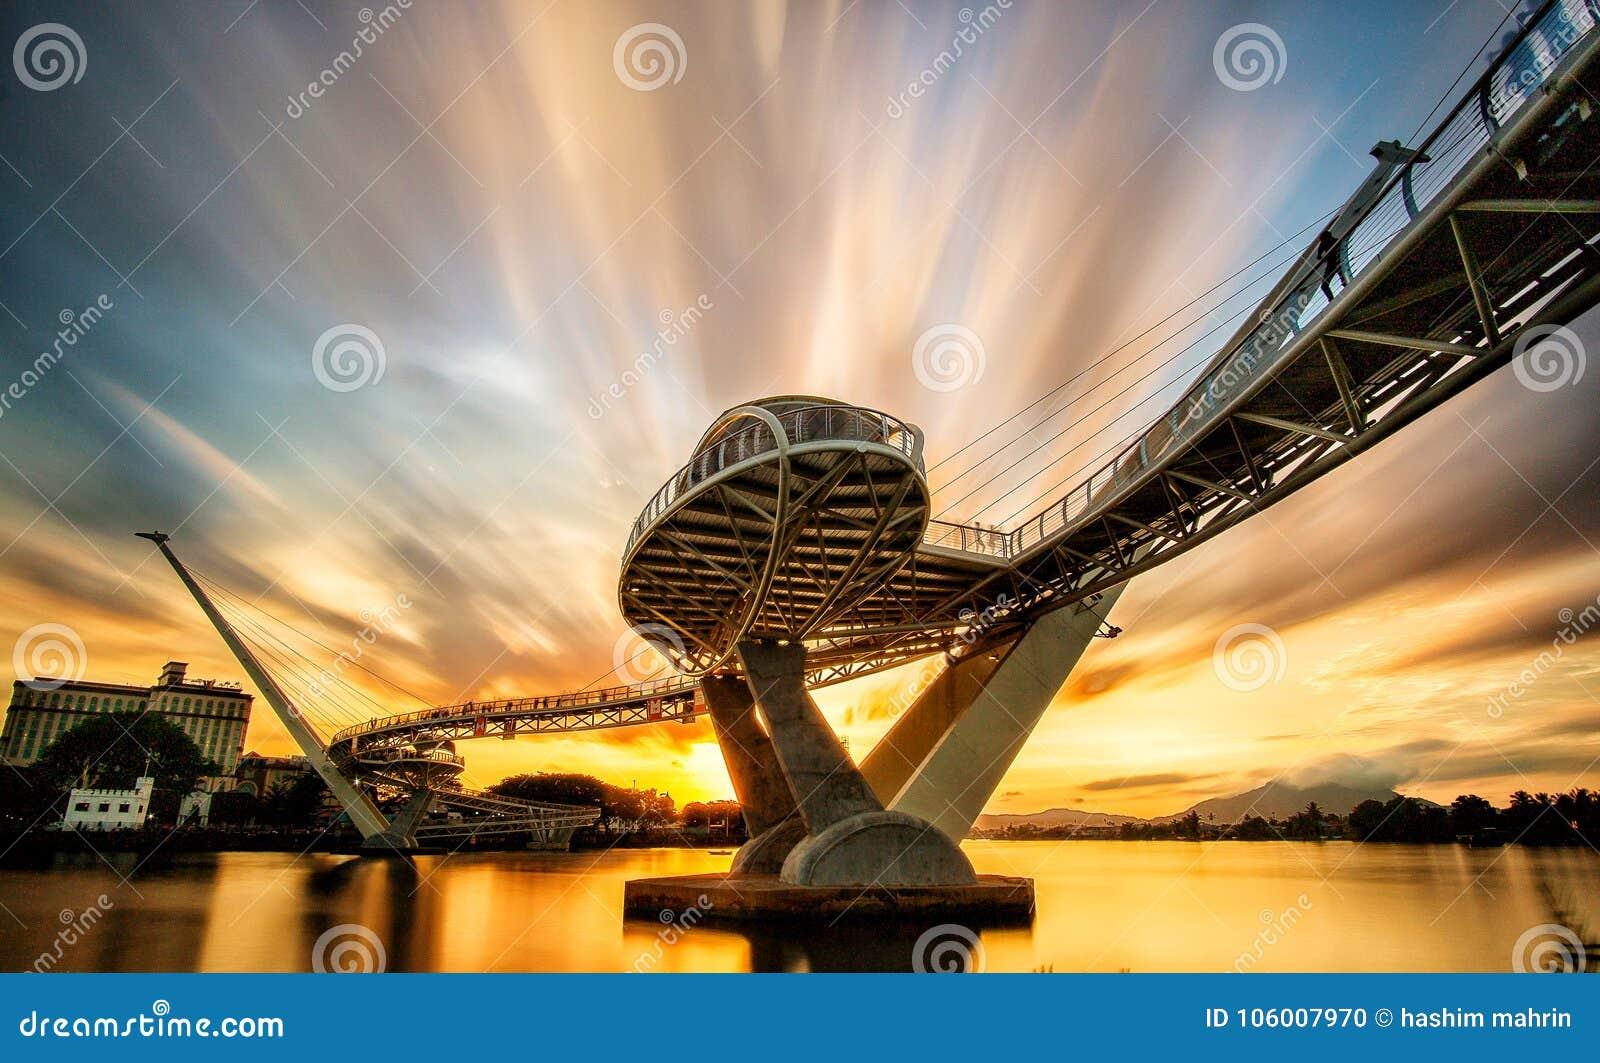 αρχιτεκτονική της γέφυρας της Hana darul